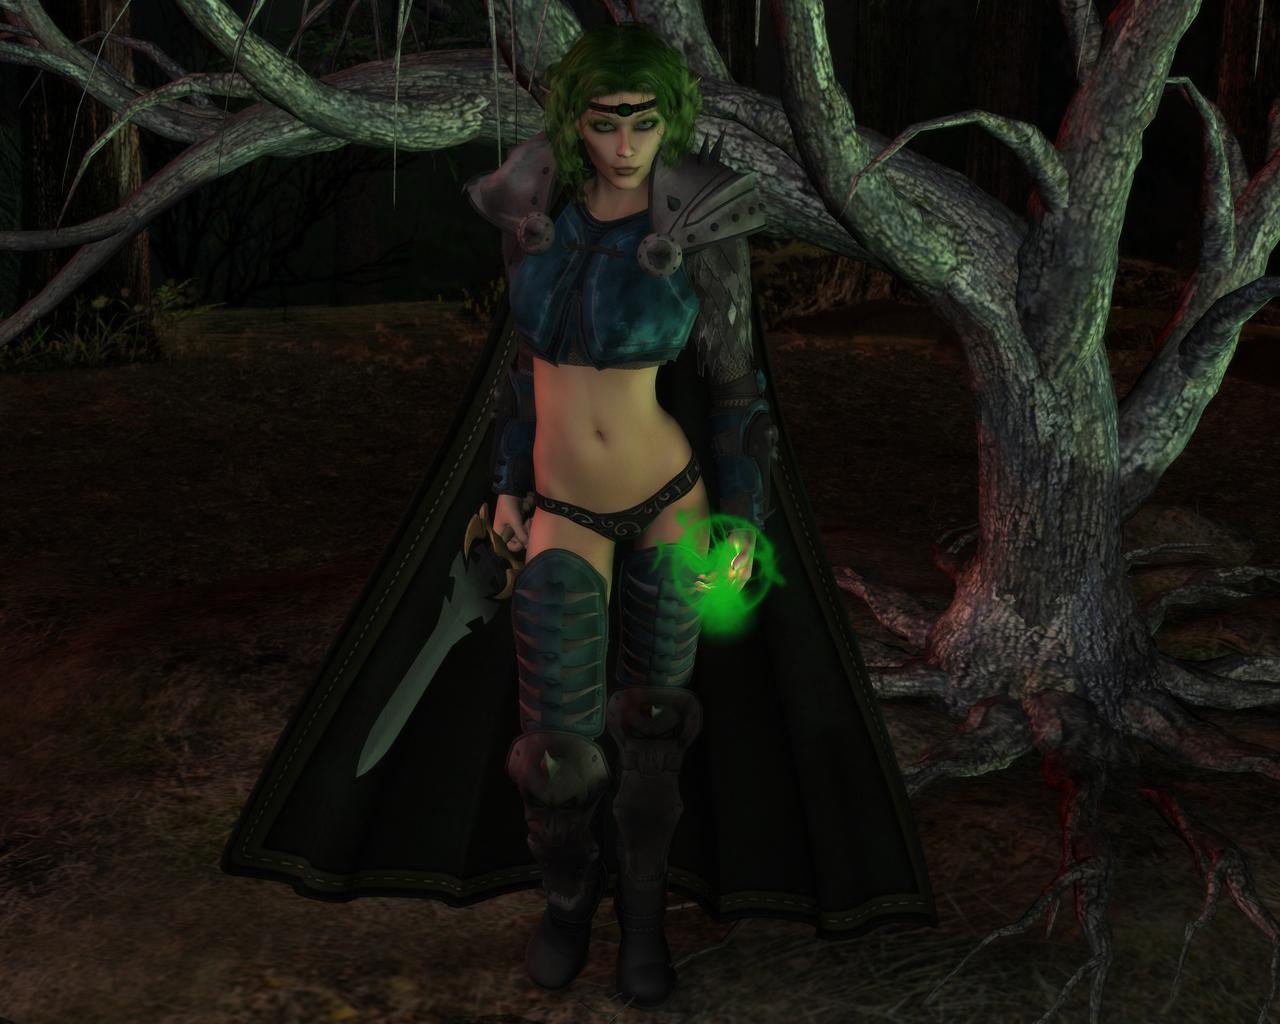 Elf games sexyorcs nude video